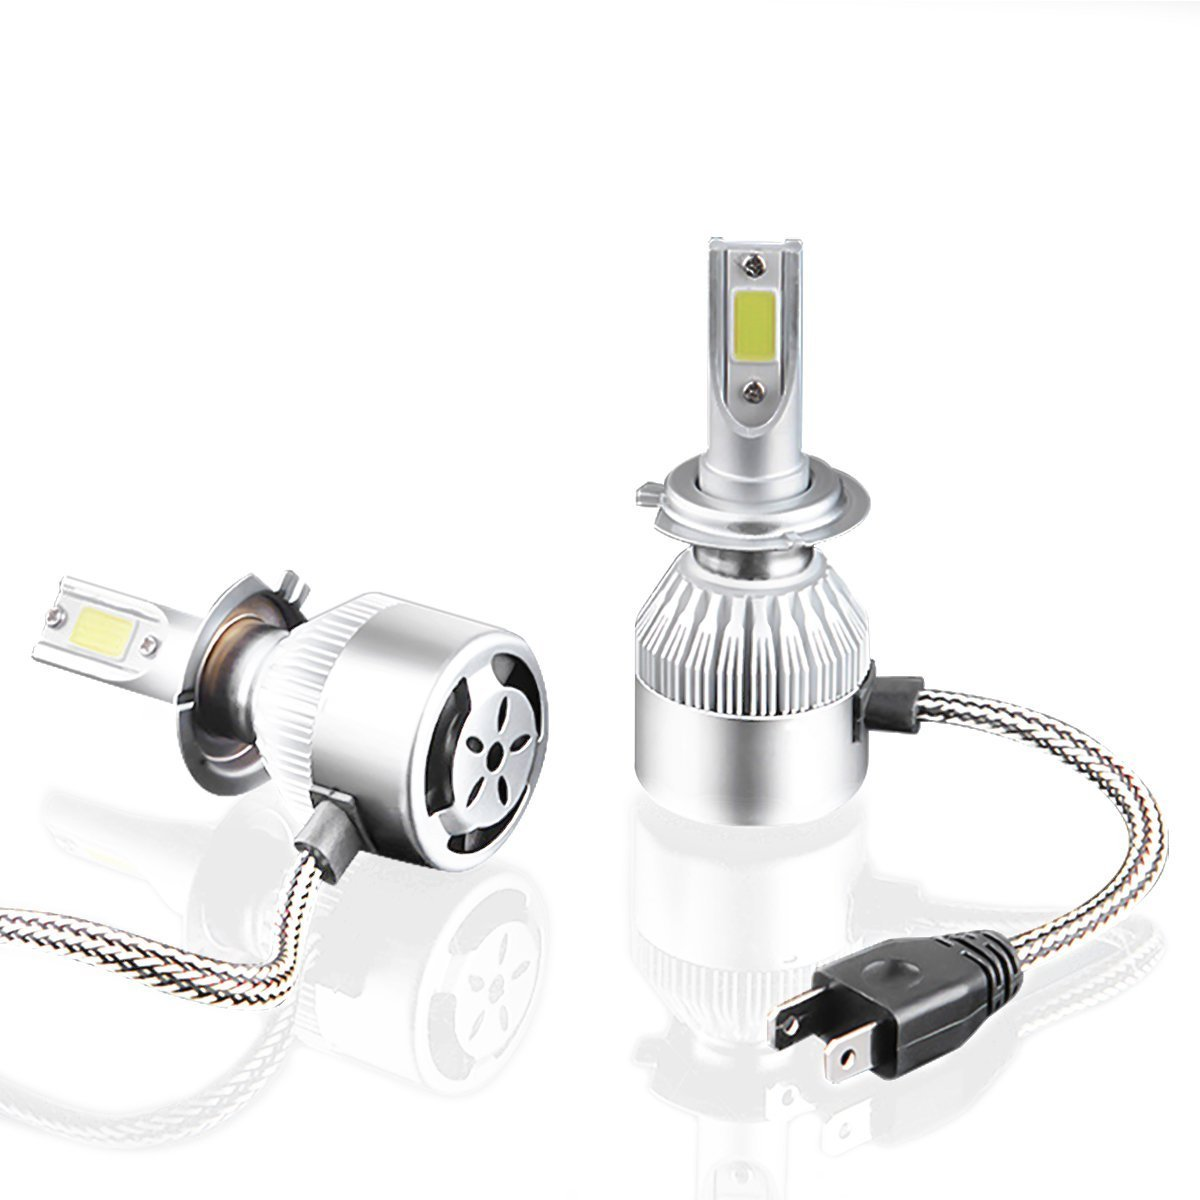 MTK 2x LED H7 Kits de Faros Delanteros de 72w / 7600Lm en total, de luz Blanca 6000K para Coches y Motos (H7) LEDH7